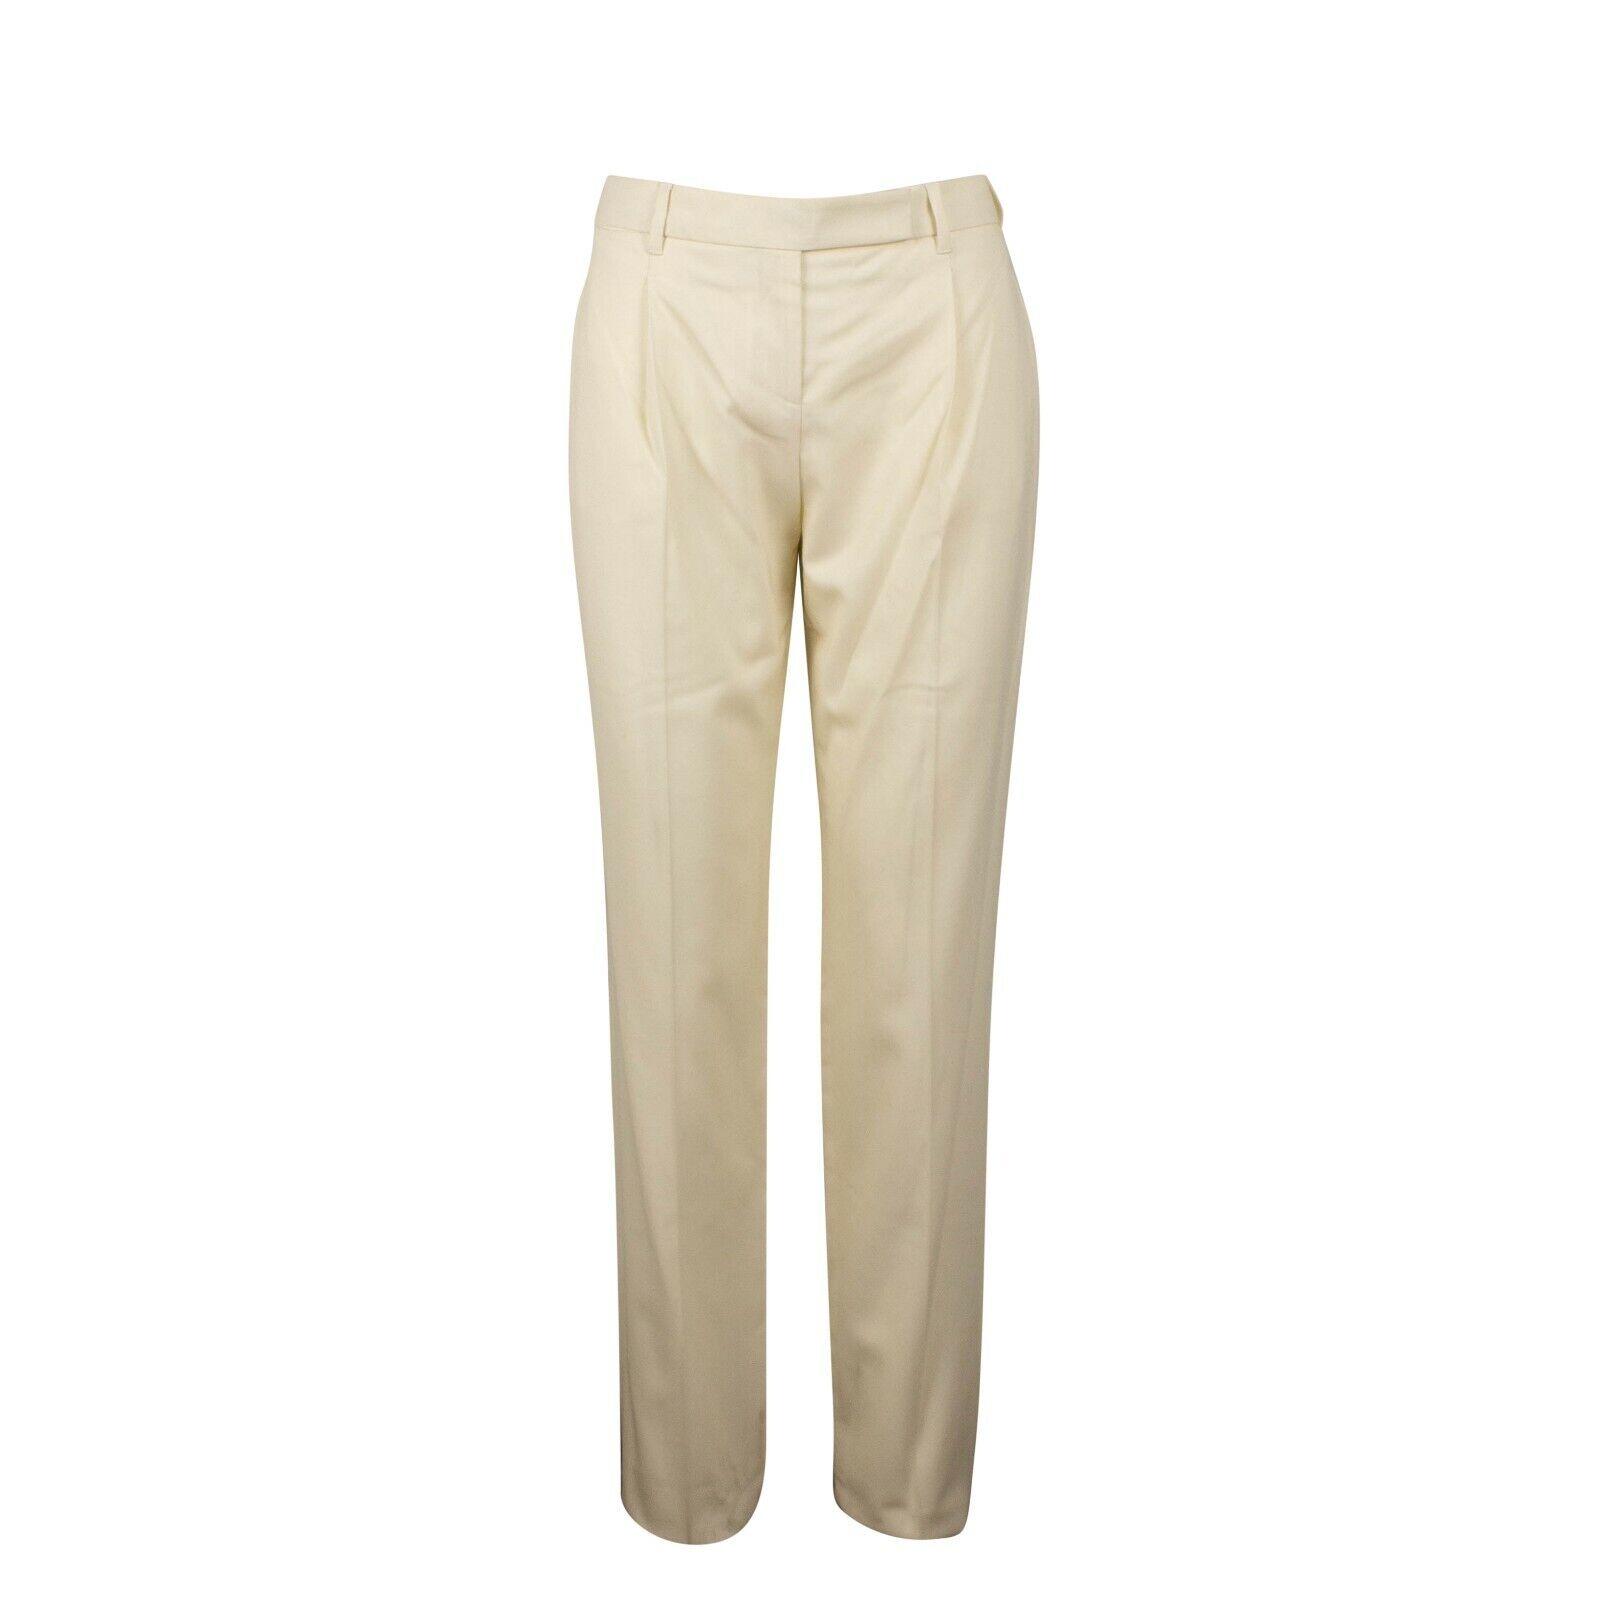 Nuevo con etiquetas VALENTINO Marfil Mezcla  de lana plisada pantalones talla 6 42  1070  barato y de moda